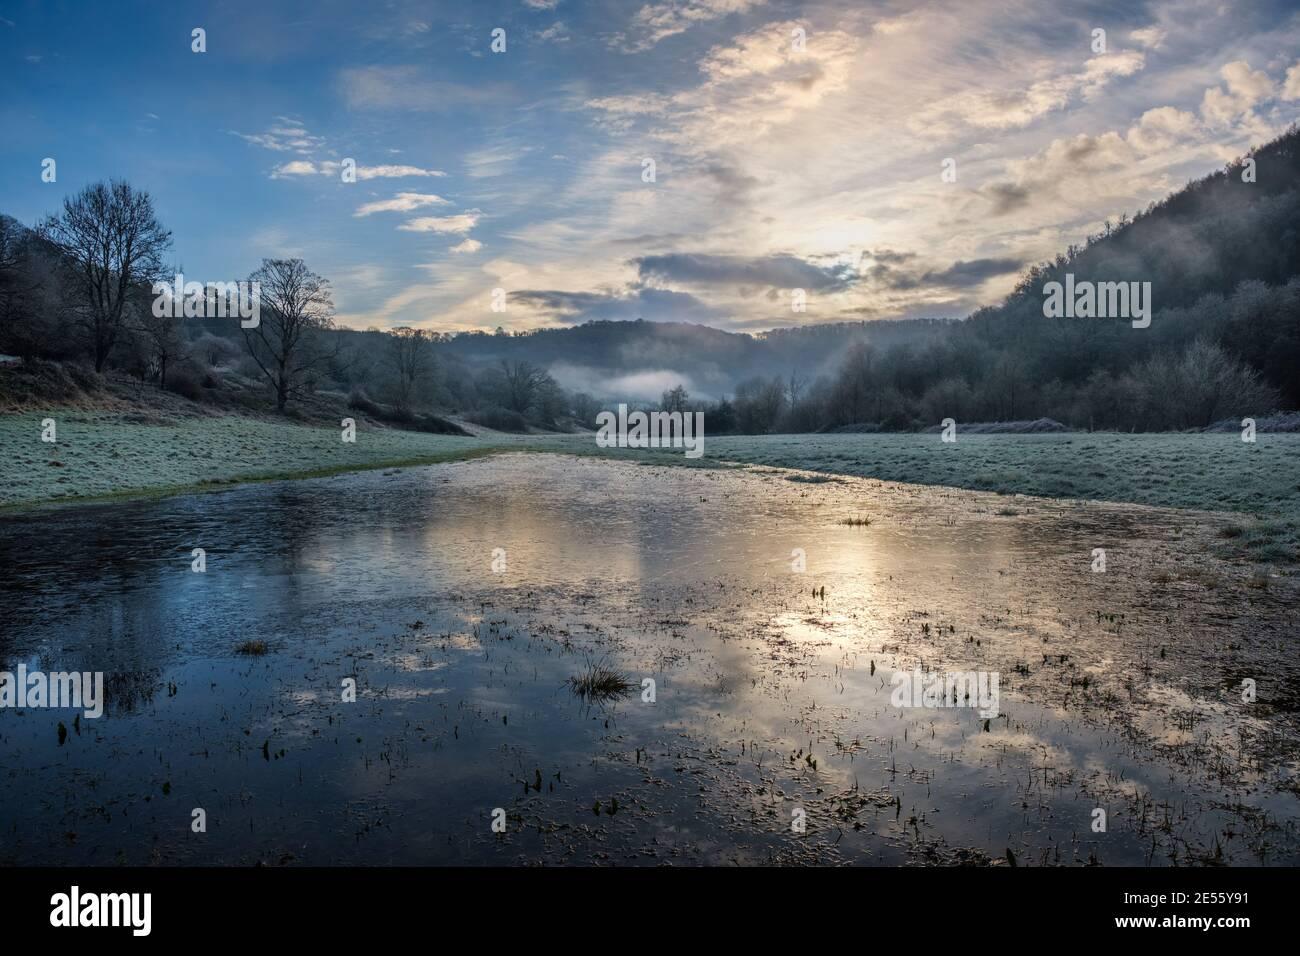 Großer Körper von gefrorenem Hochwasser neben dem Fluss Wye bei Brockweir. Stockfoto